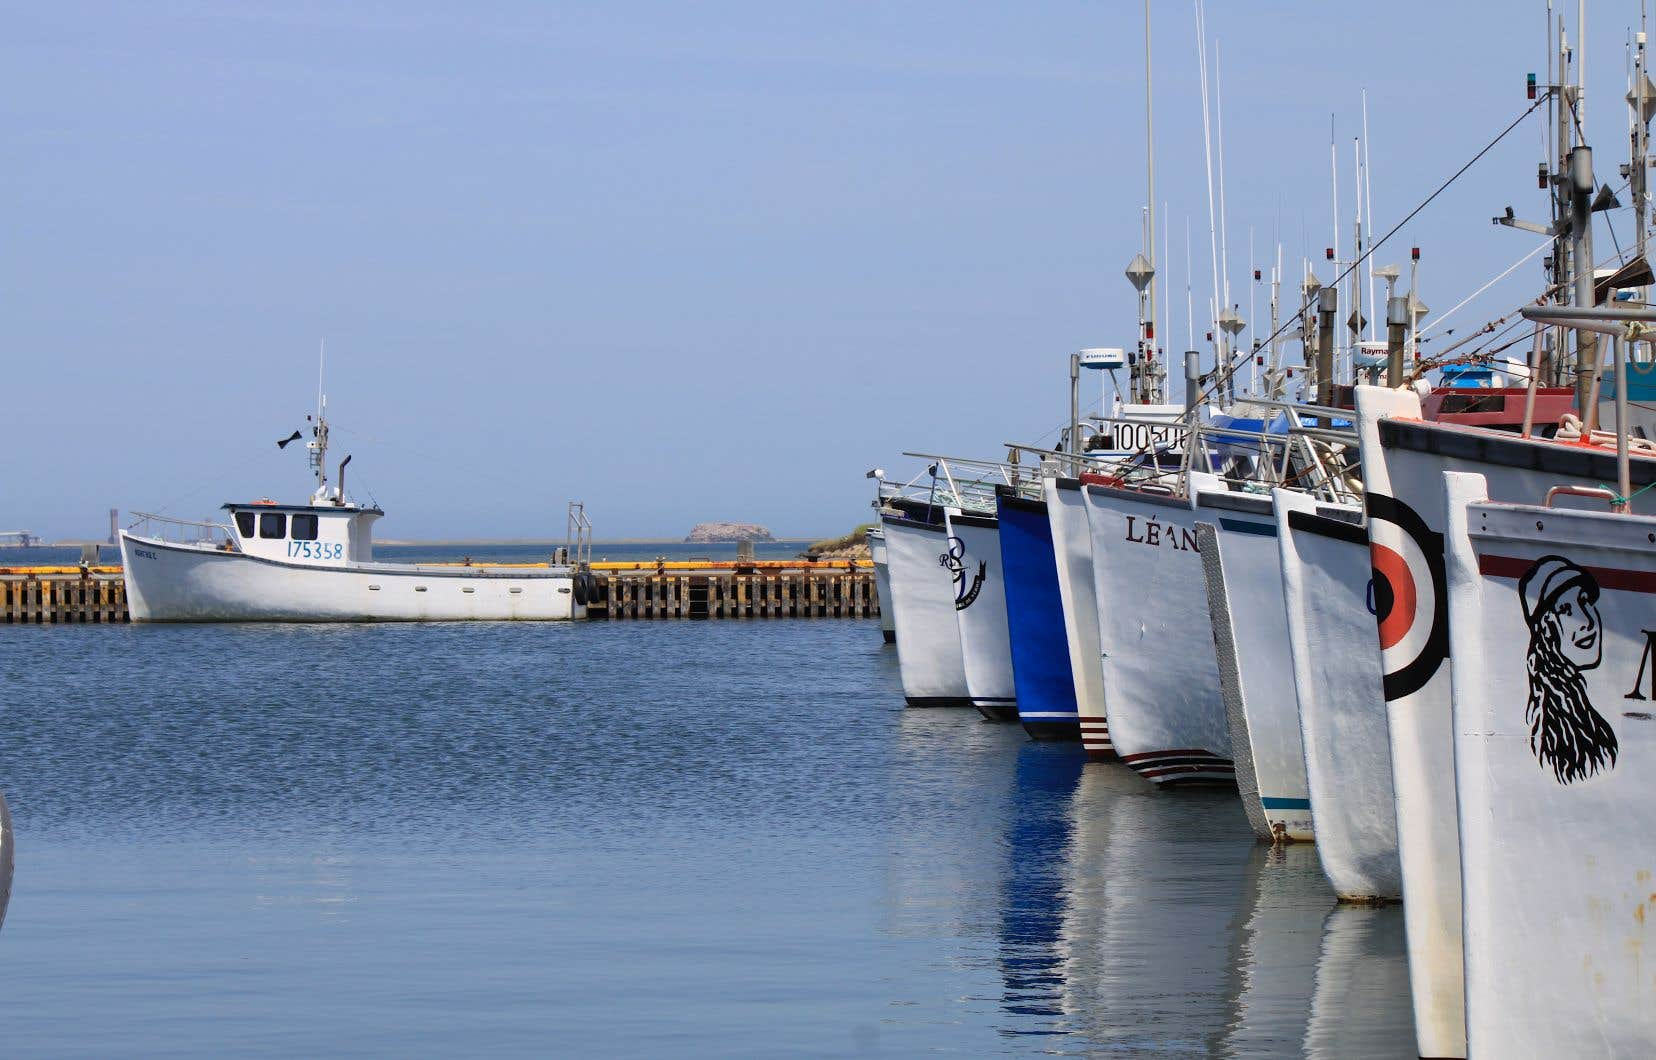 Les pêcheurs du golfe du Saint-Laurent ont souvent dit craindre les impacts de l'exploitation pétrolière sur leur industrie.